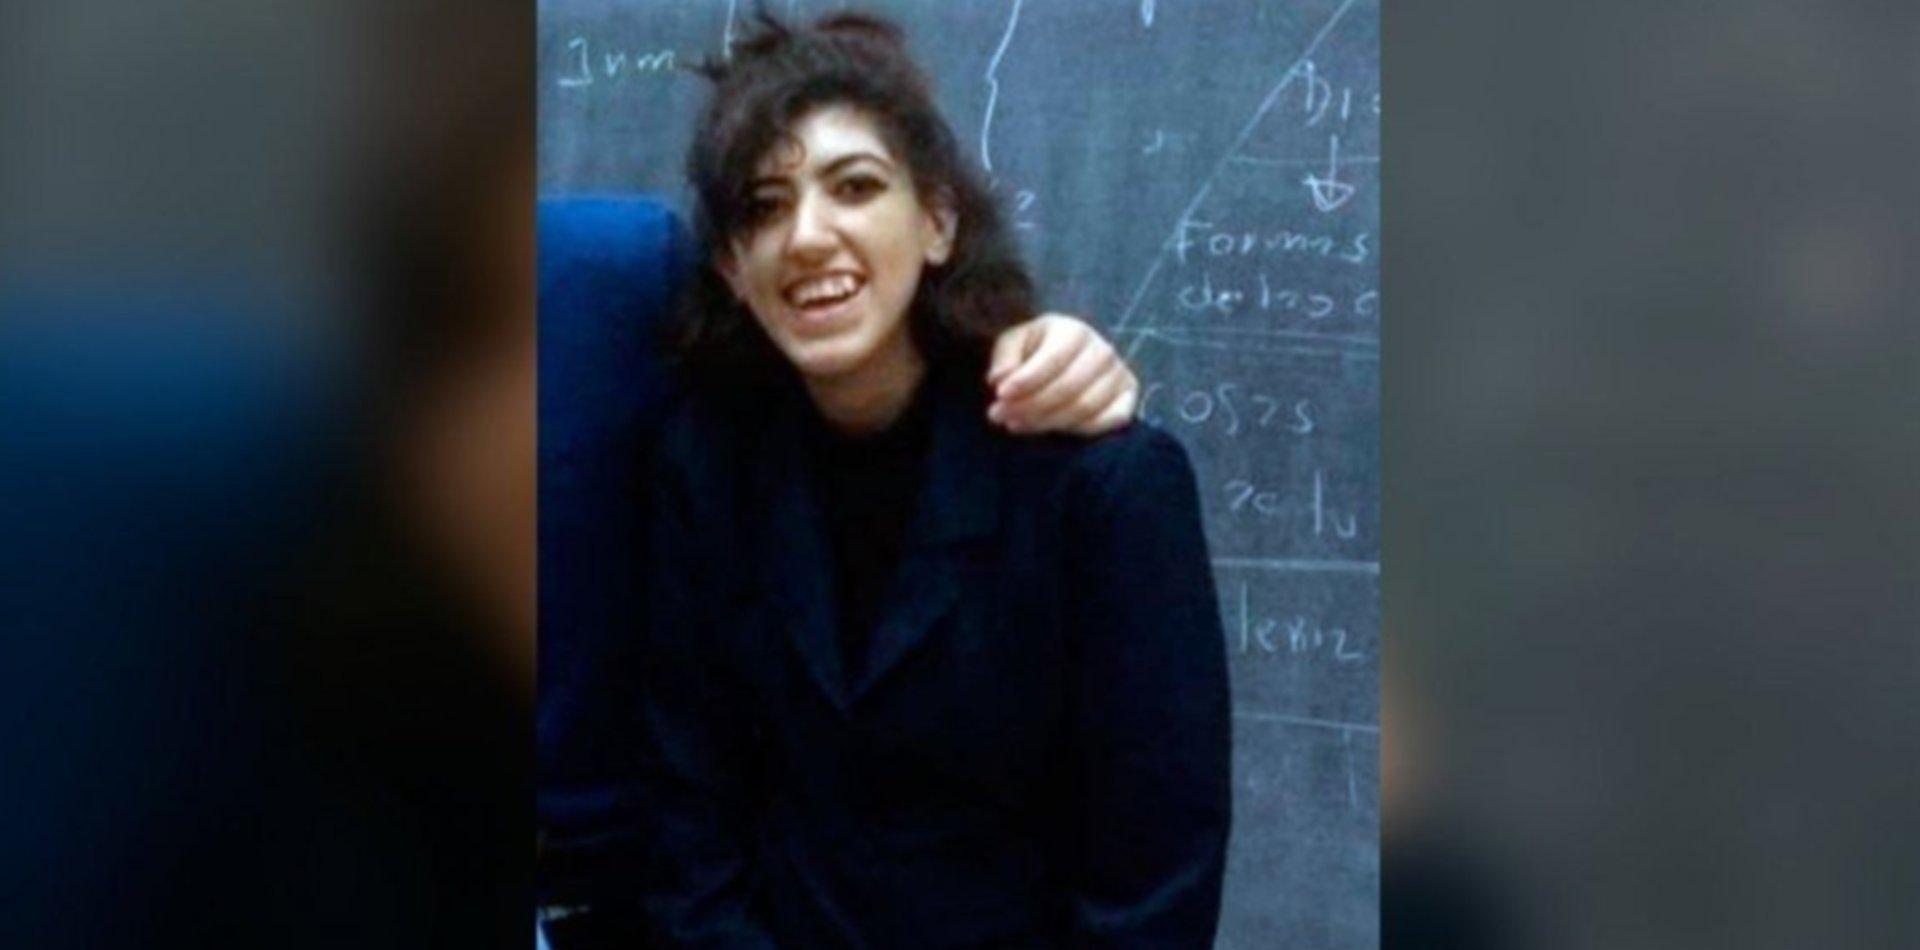 Salió de su casa y nunca volvió: sigue la búsqueda de Leila Lombardo en La Plata